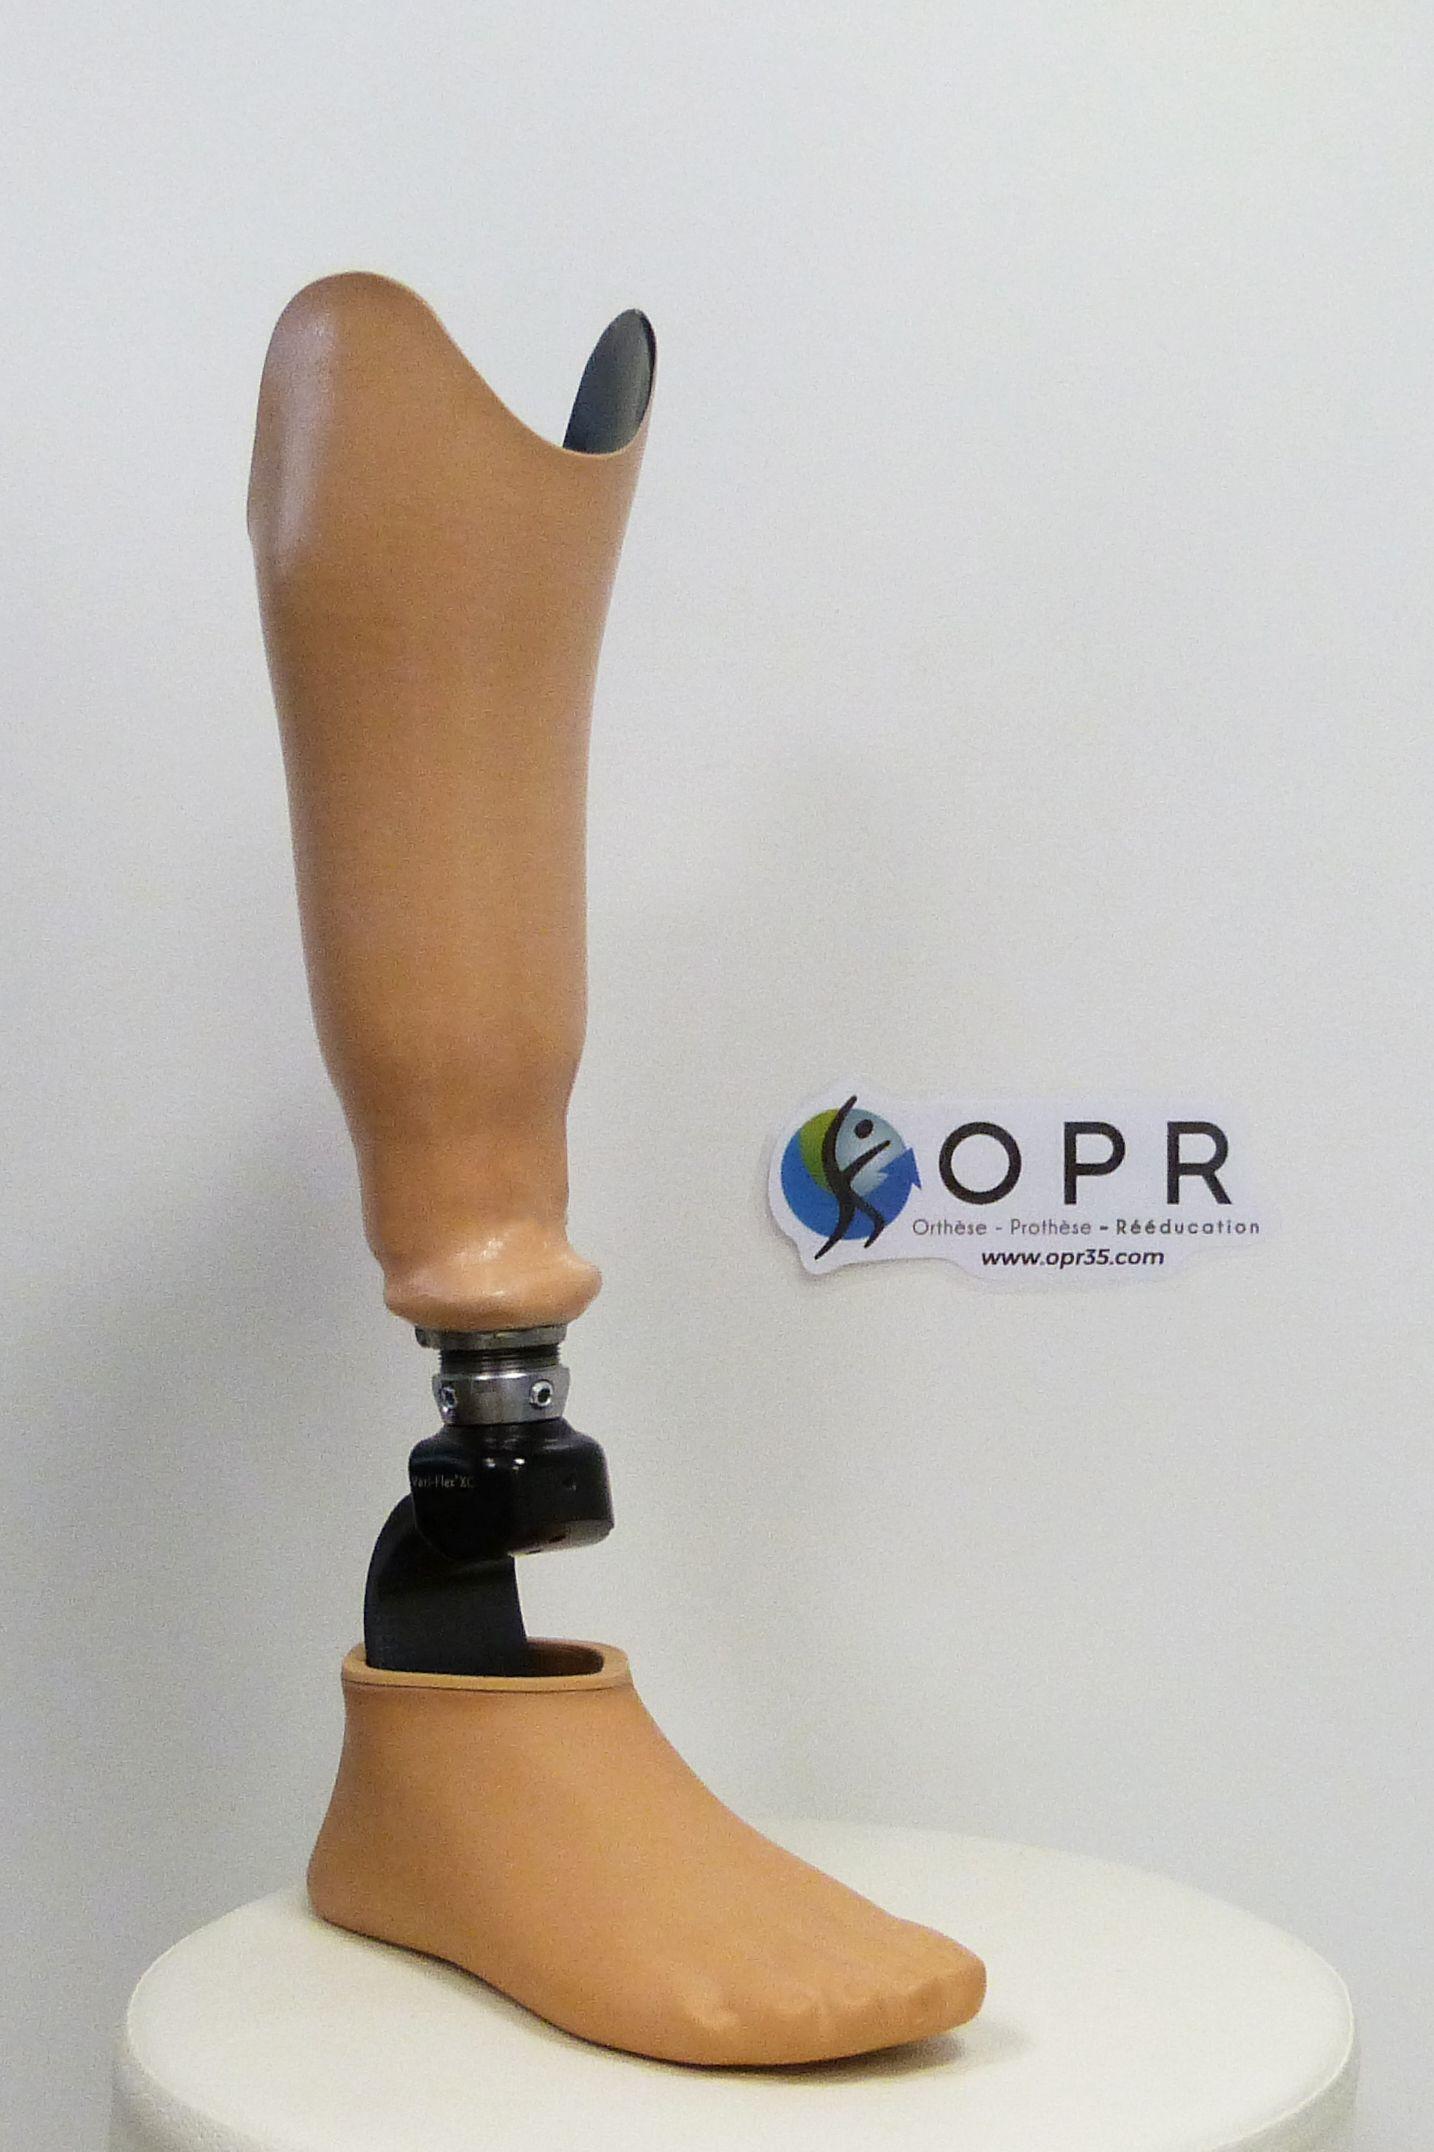 Prothèse en carbone OPR